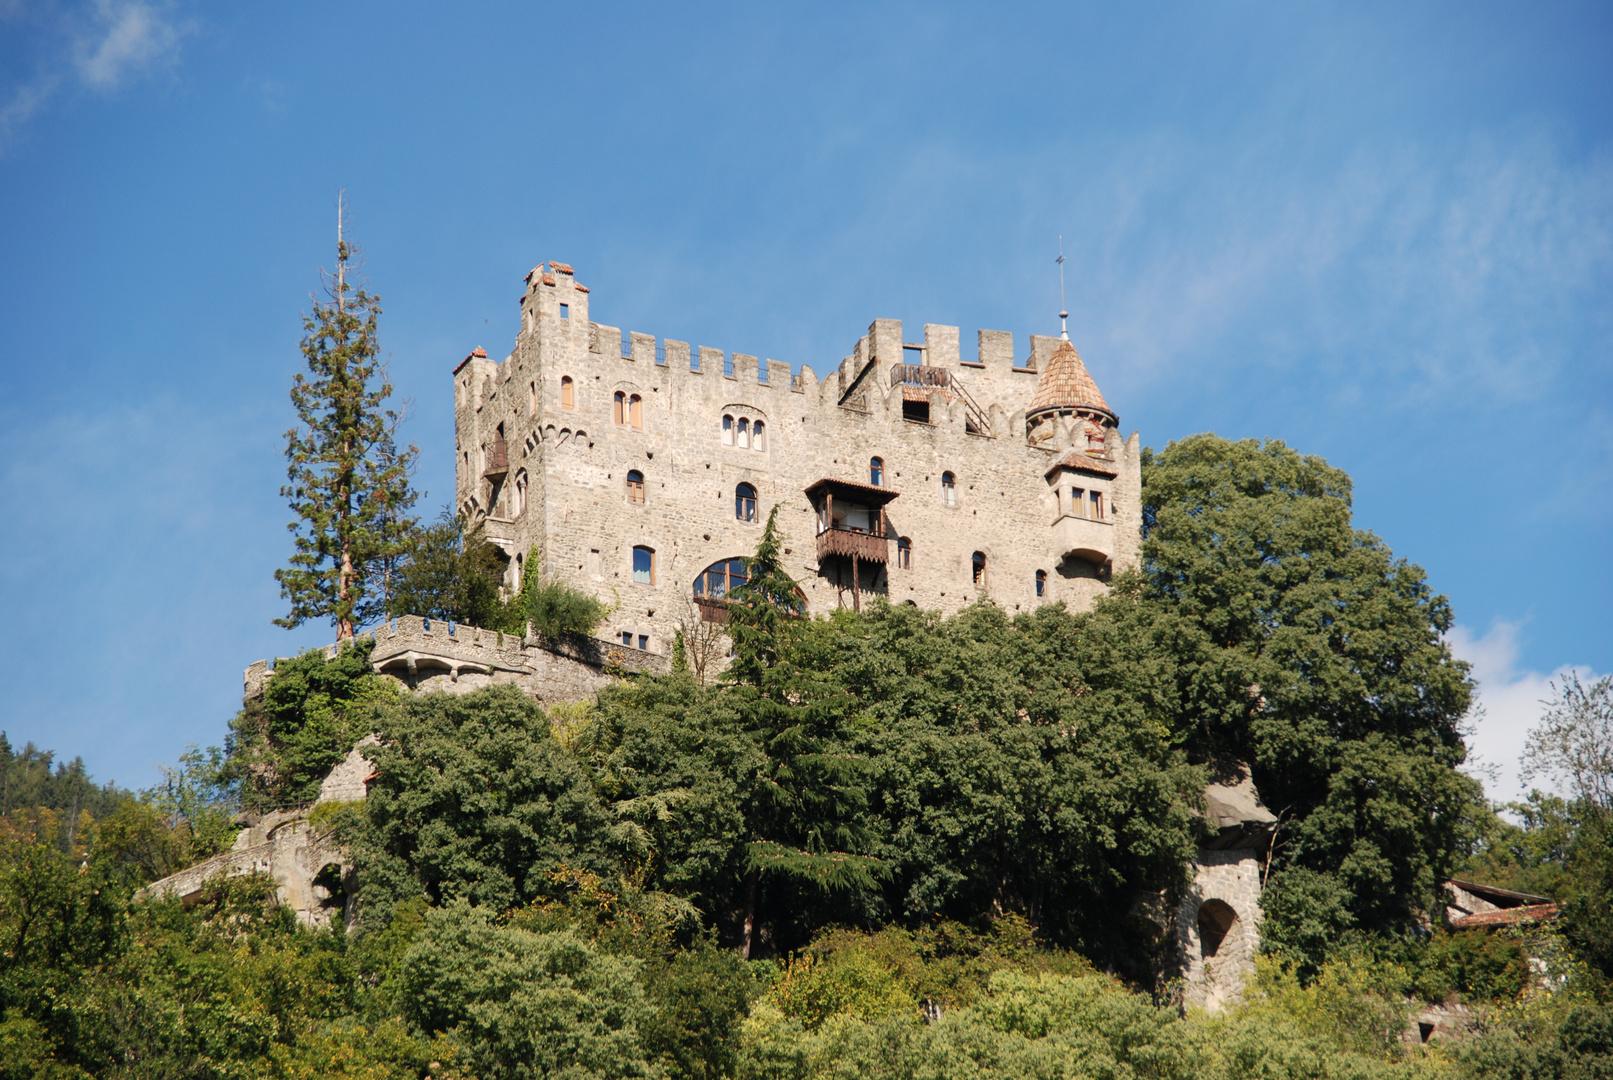 und noch eine Burg...